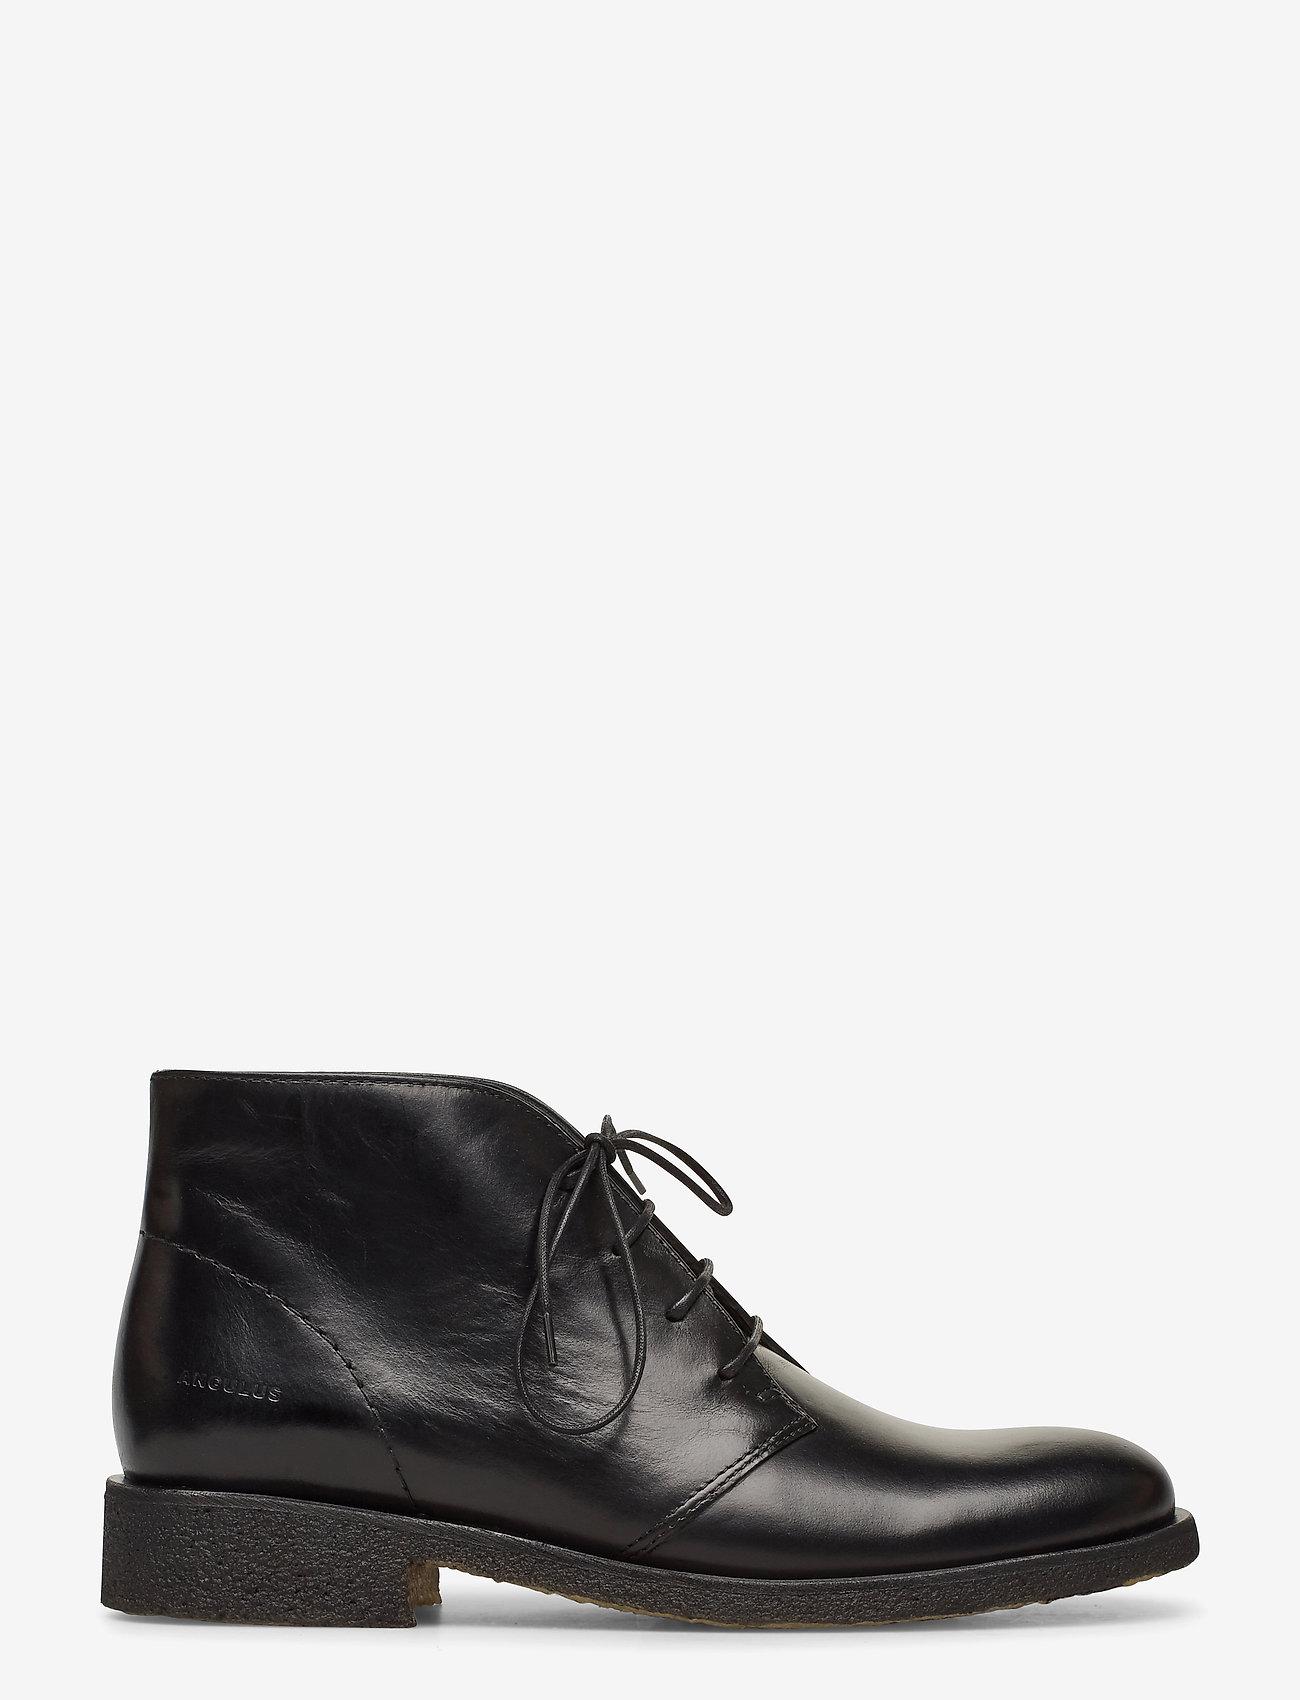 ANGULUS - Booties - flat - puszābaki bez papēža - 1835 black - 1